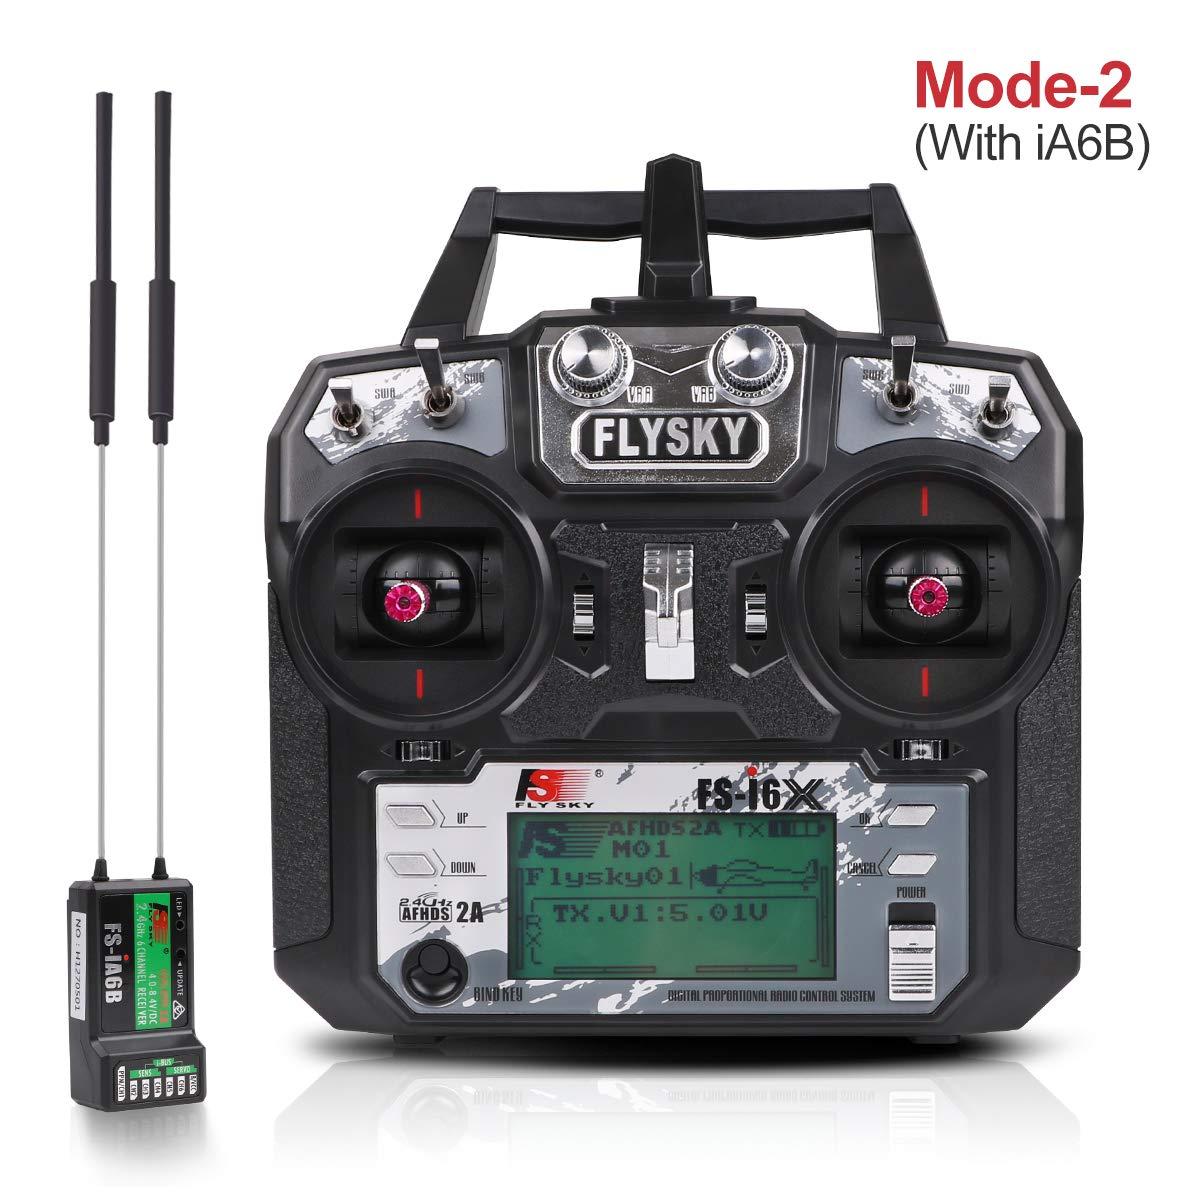 Transmisor Flysky (10CH, 2.4GHz, AFHDS 2A)